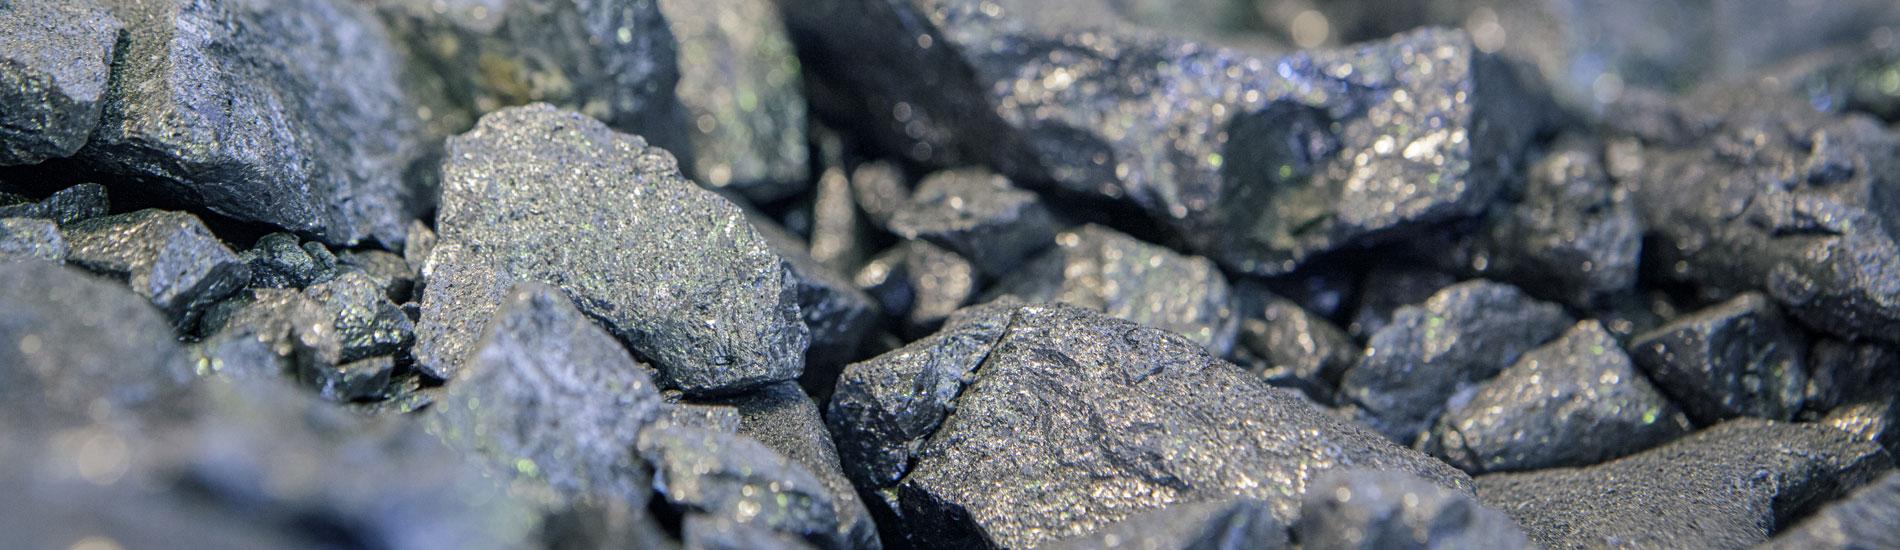 Primo piano metalli - Fometal - Fonderia alluminio, leghe madri e affini